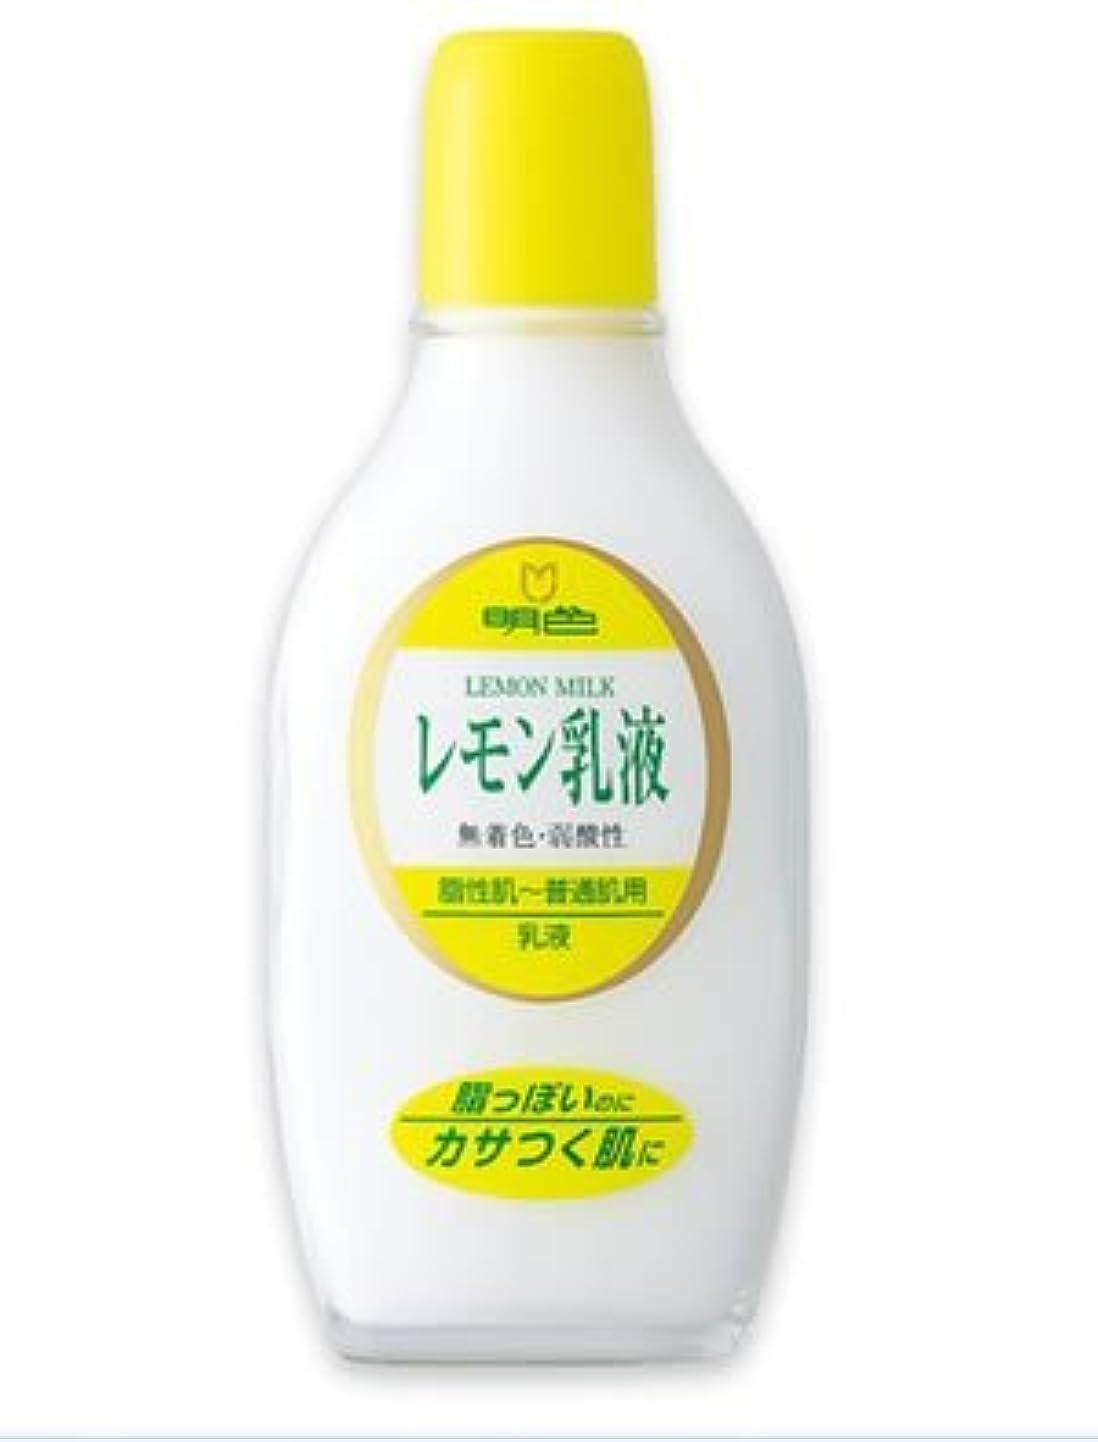 冷酷な無数のパレード(明色)レモン乳液 158ml